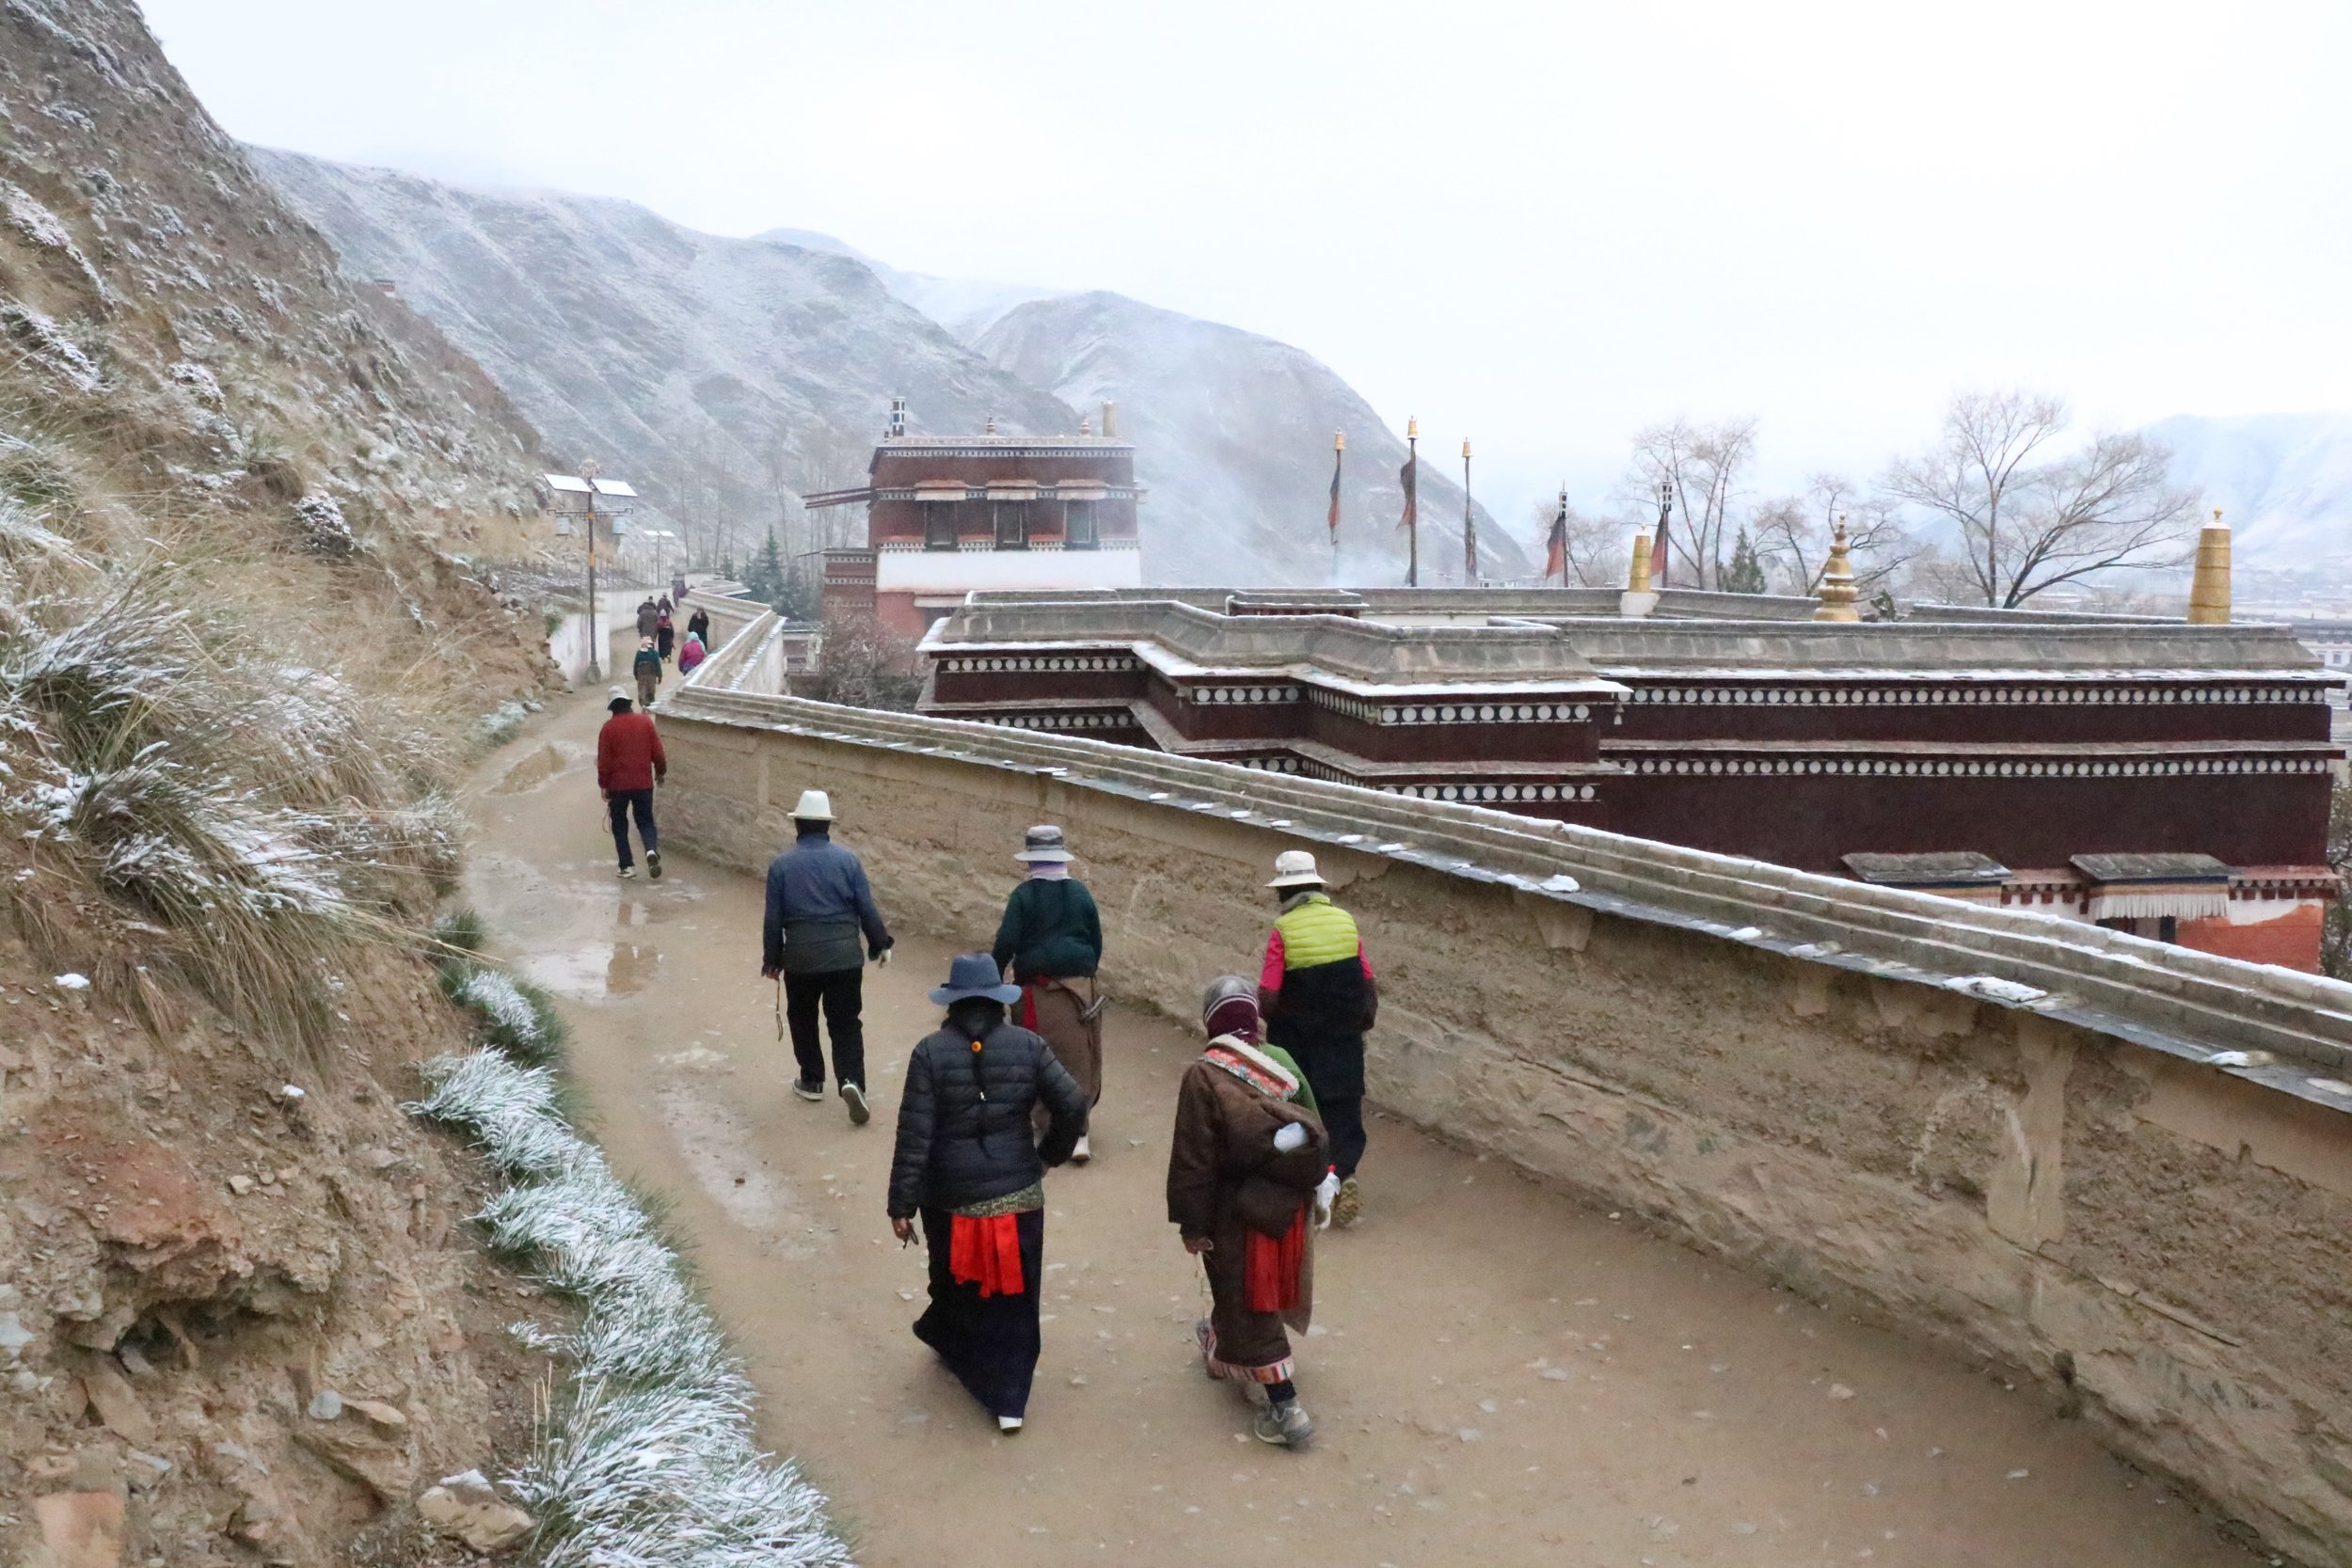 Walking kora in the snow at Labrang.